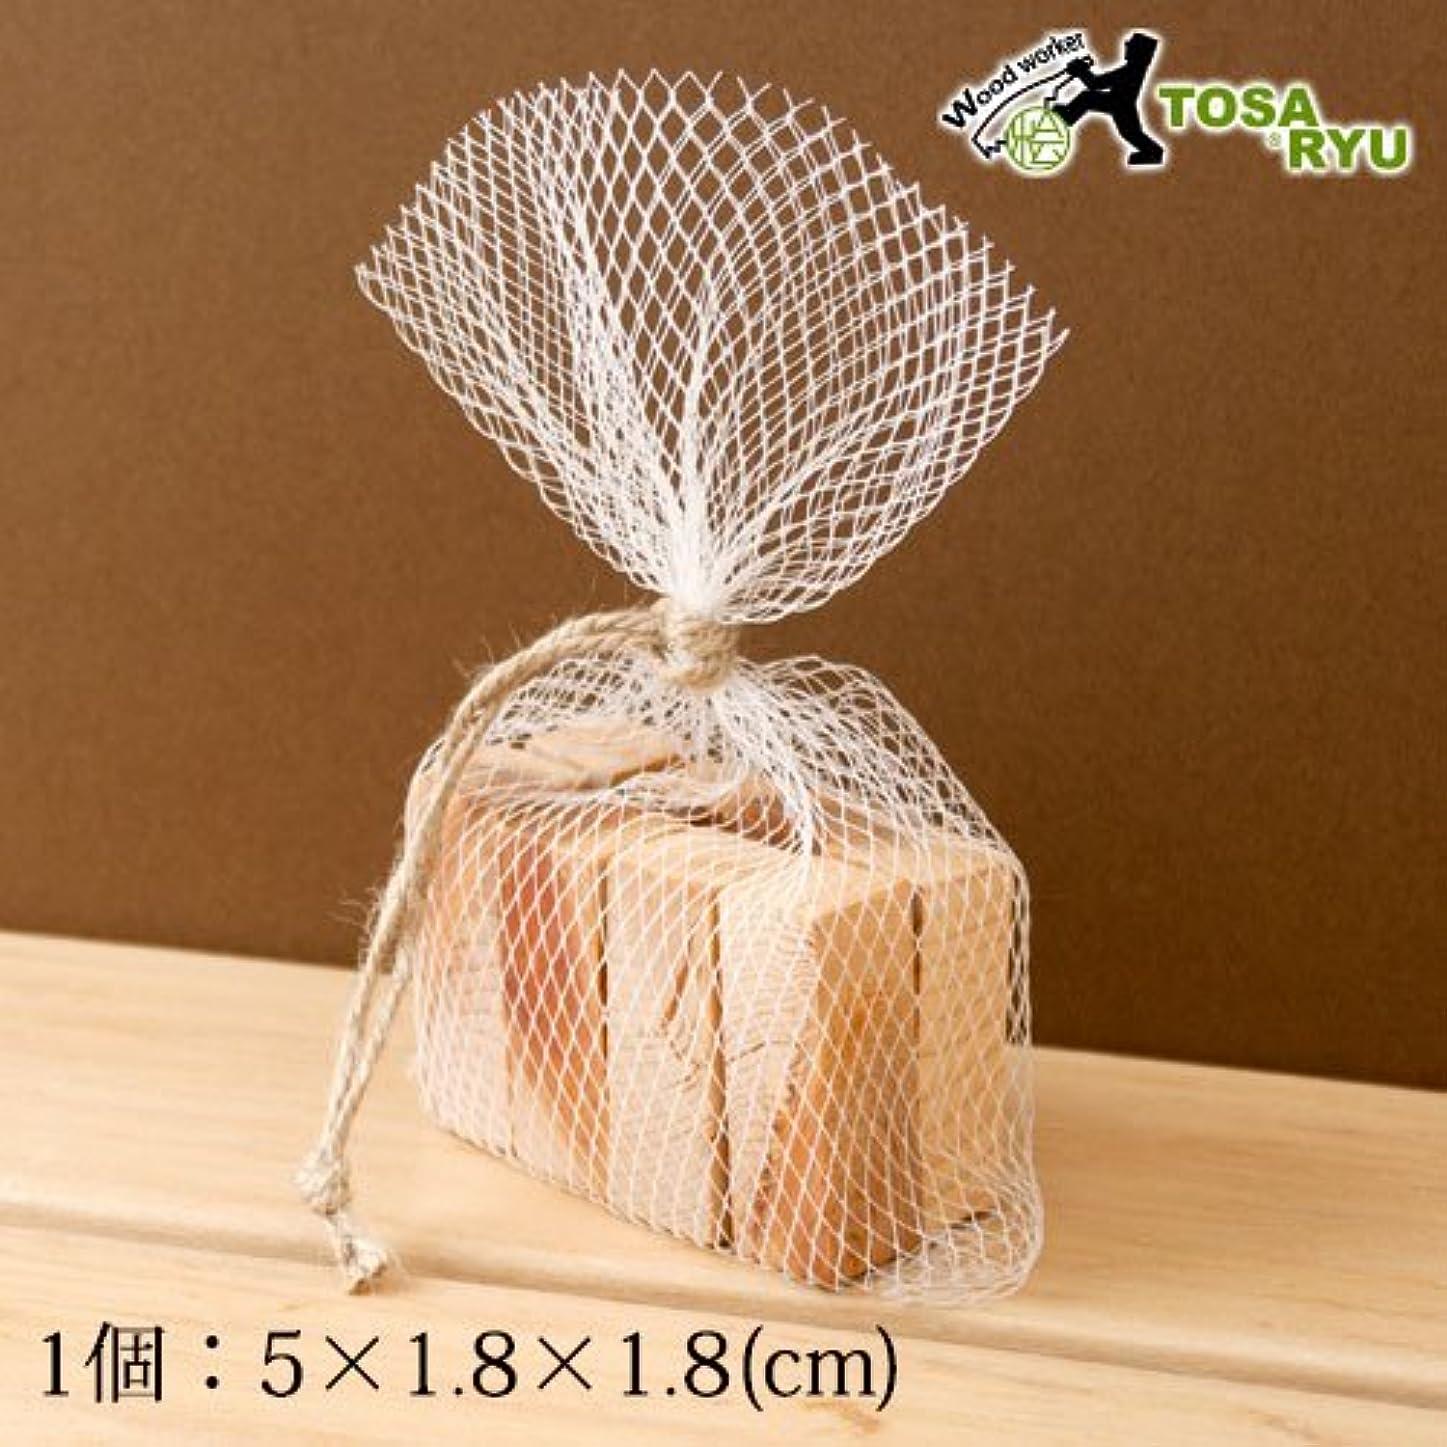 ベイビープライバシー安らぎ土佐龍アロマブロックメッシュ袋入り高知県の工芸品Bath additive of cypress, Kochi craft